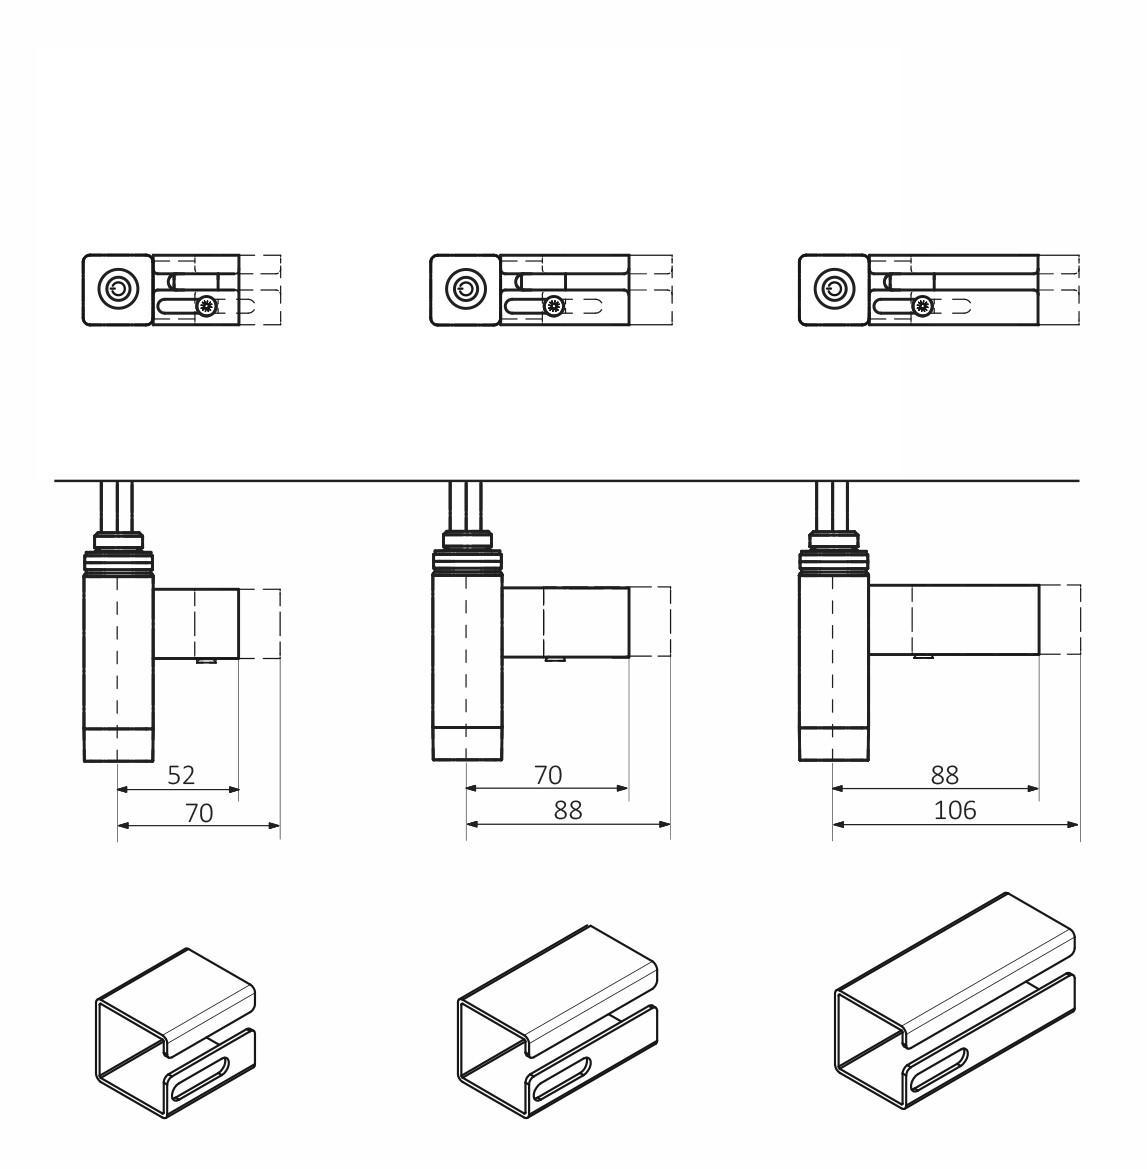 <p>M - kabel prosty bez wtyczki z maskownicą (standardowa długość maskownicy: 52-70 mm)</p>